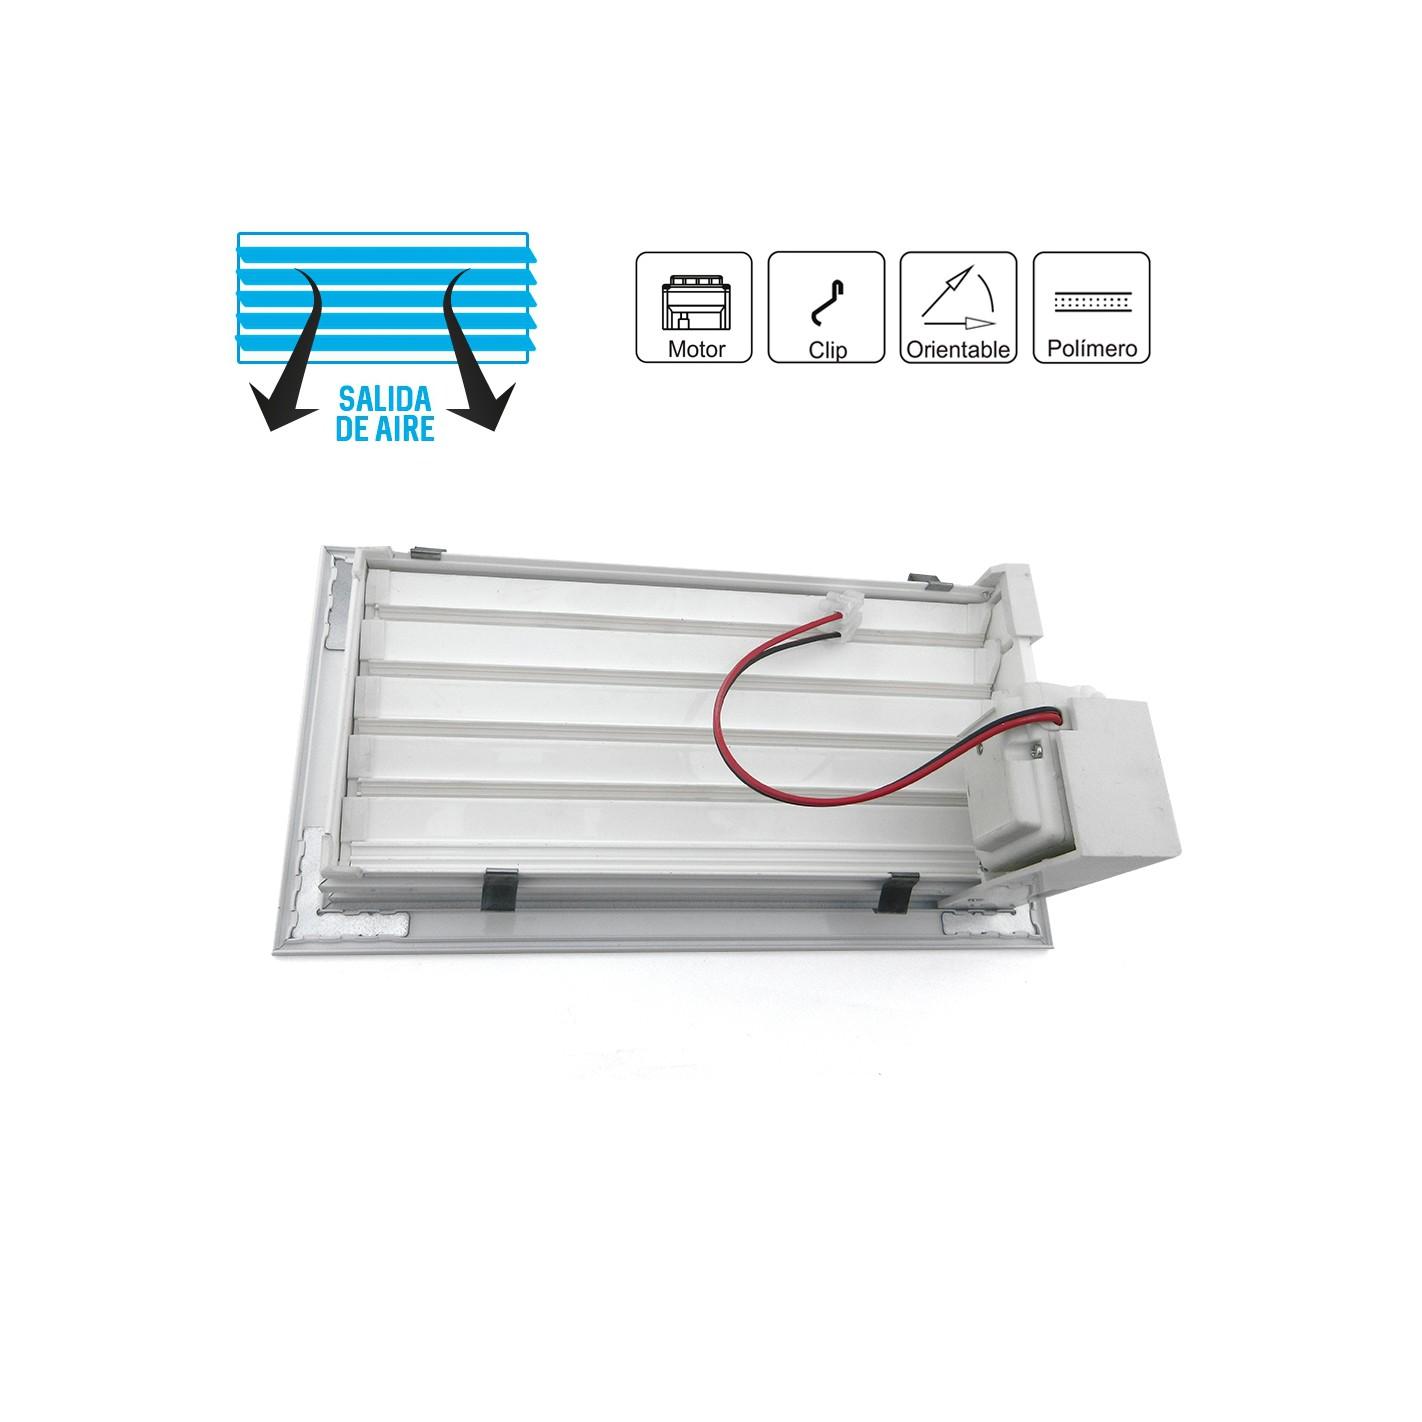 Control rejillas motorizadas aire acondicionado for Salida aire acondicionado